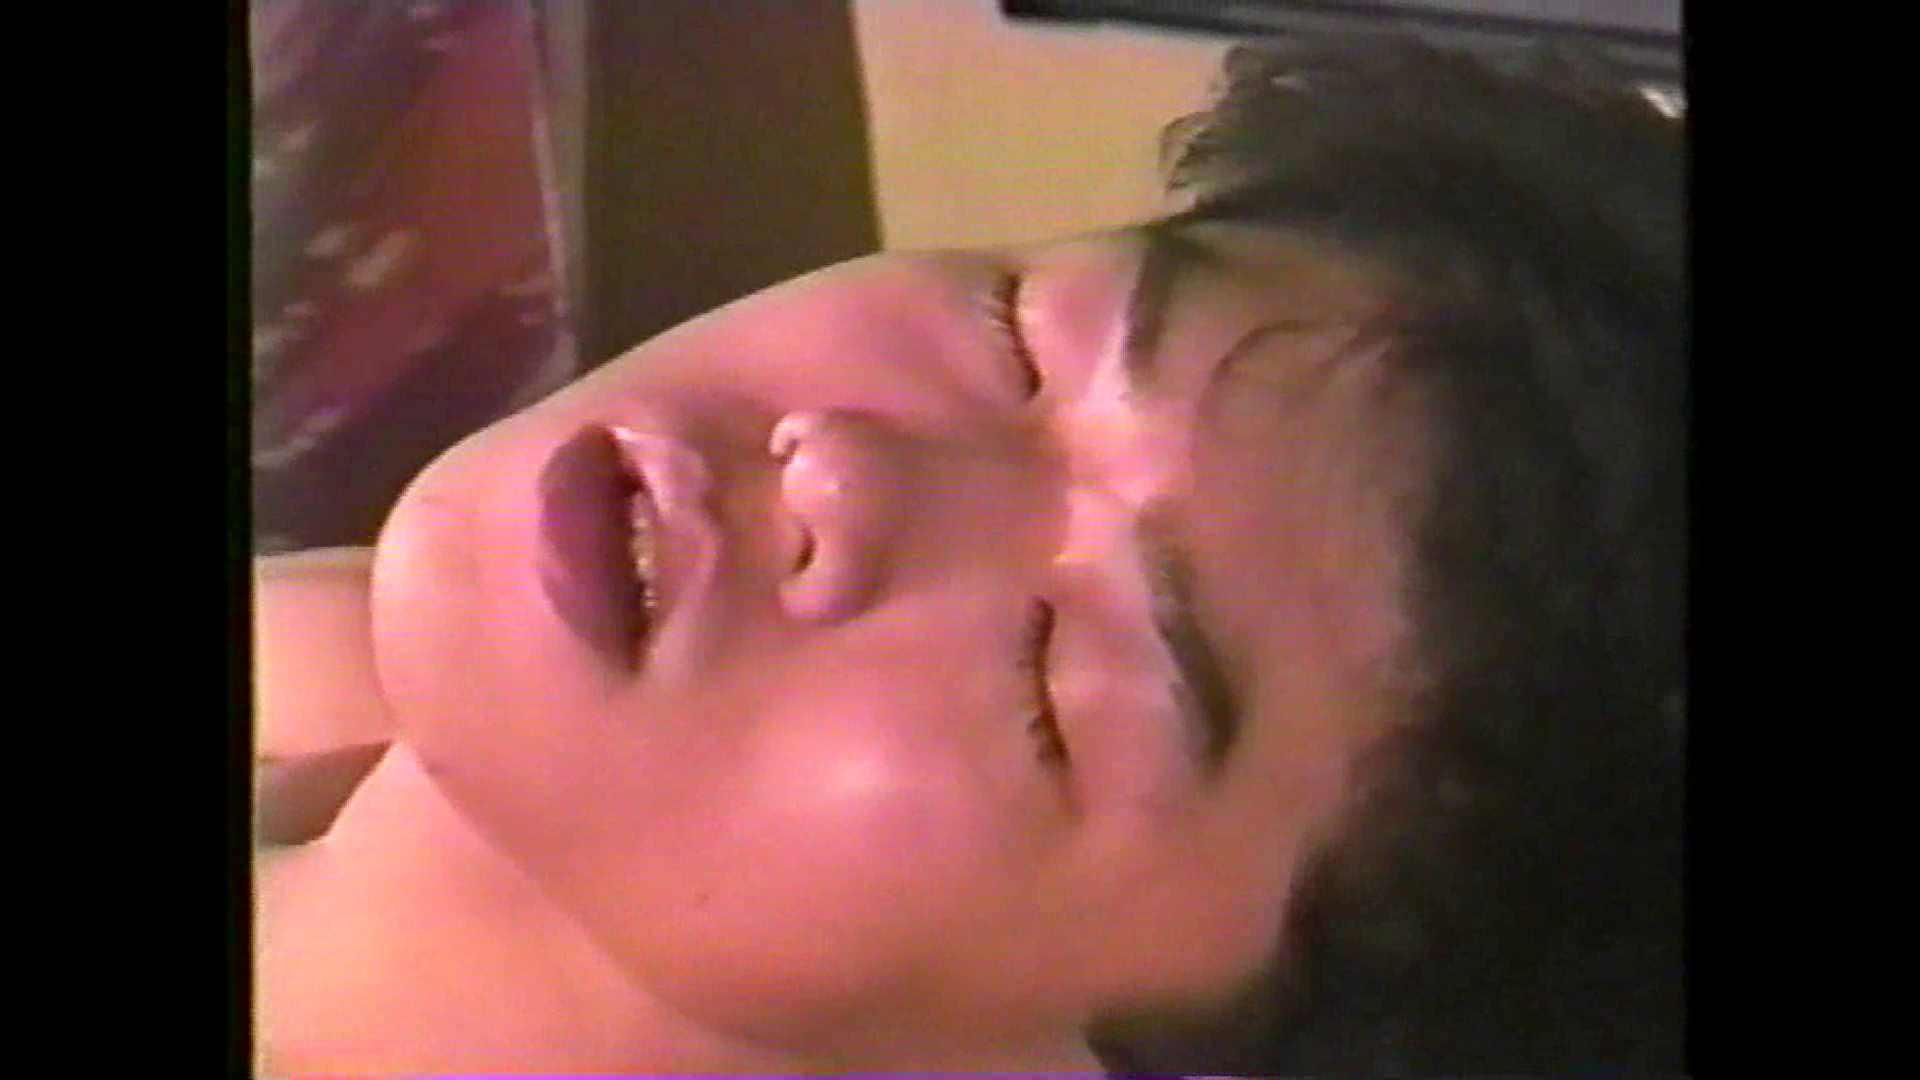 MADOKAさんのズリネタコレクションVol.2-2 手コキ技あり ゲイSEX画像 82枚 63